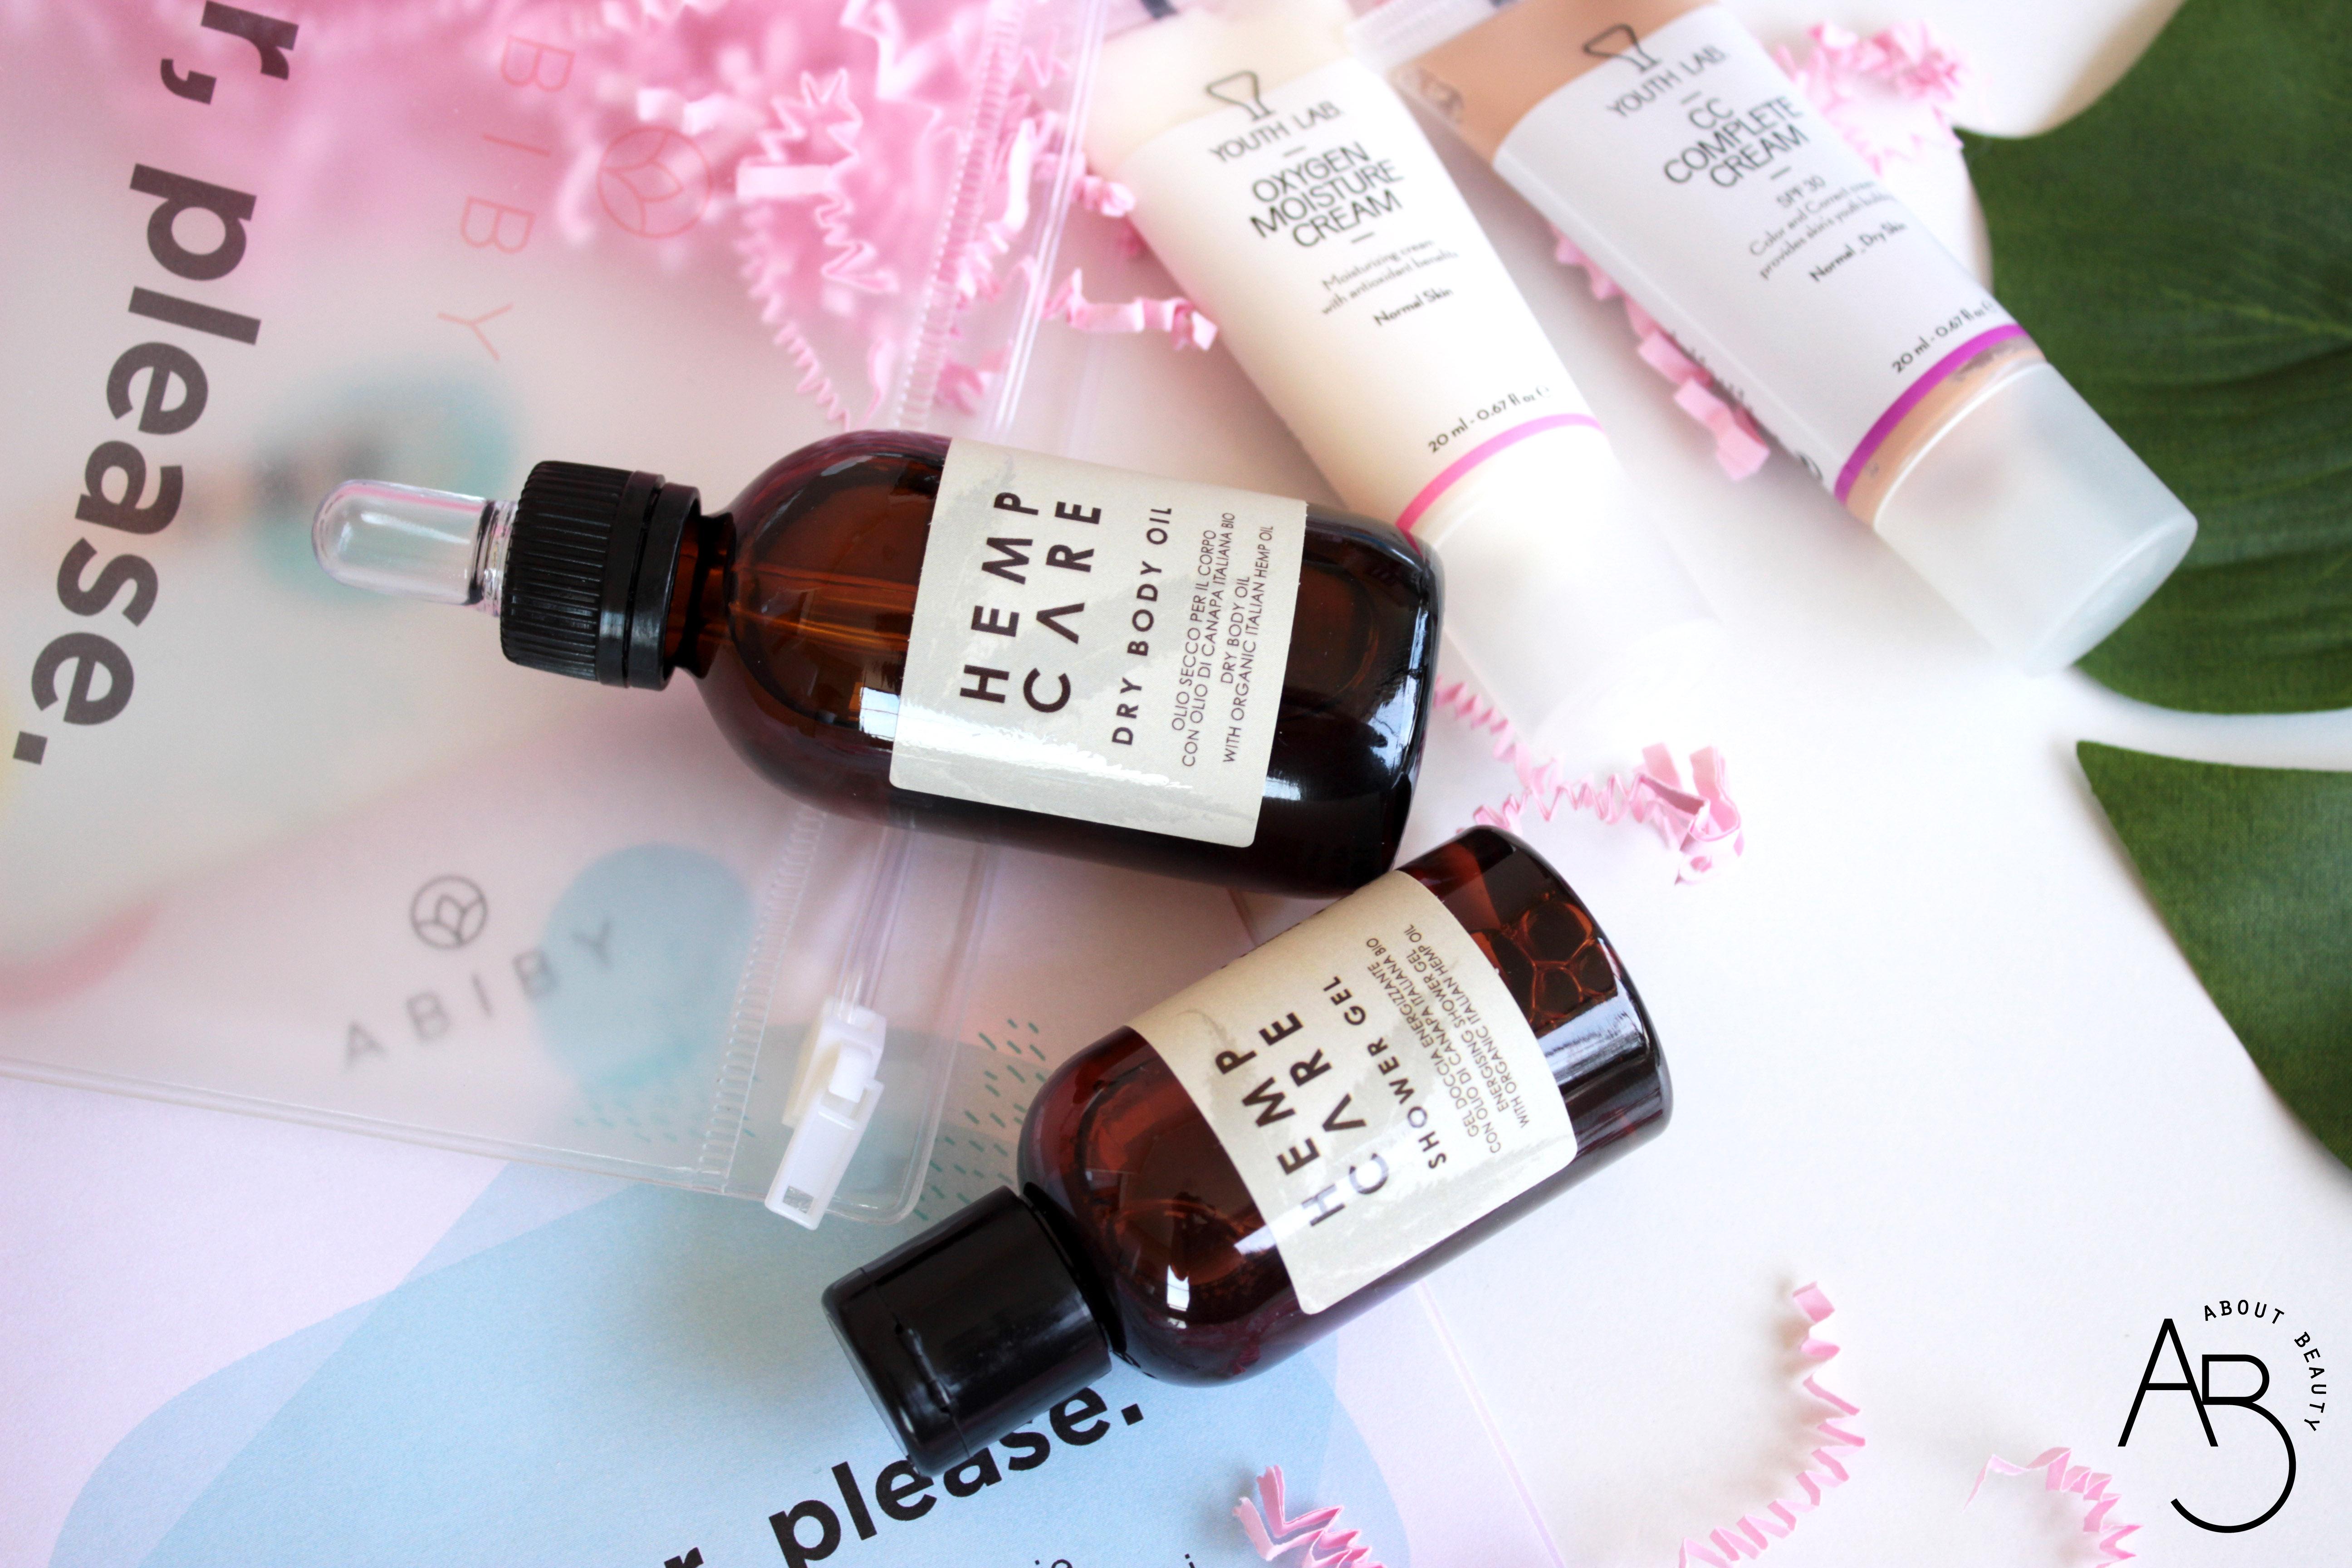 """Arriva la Beauty Box di Abiby: info, prezzo, abbonamento, opinioni, review, recensione, contenuto, unboxing, prodotti - Luglio 2018 """"Summer, please"""" - Hemp Care, Youth Lab, Polaar"""